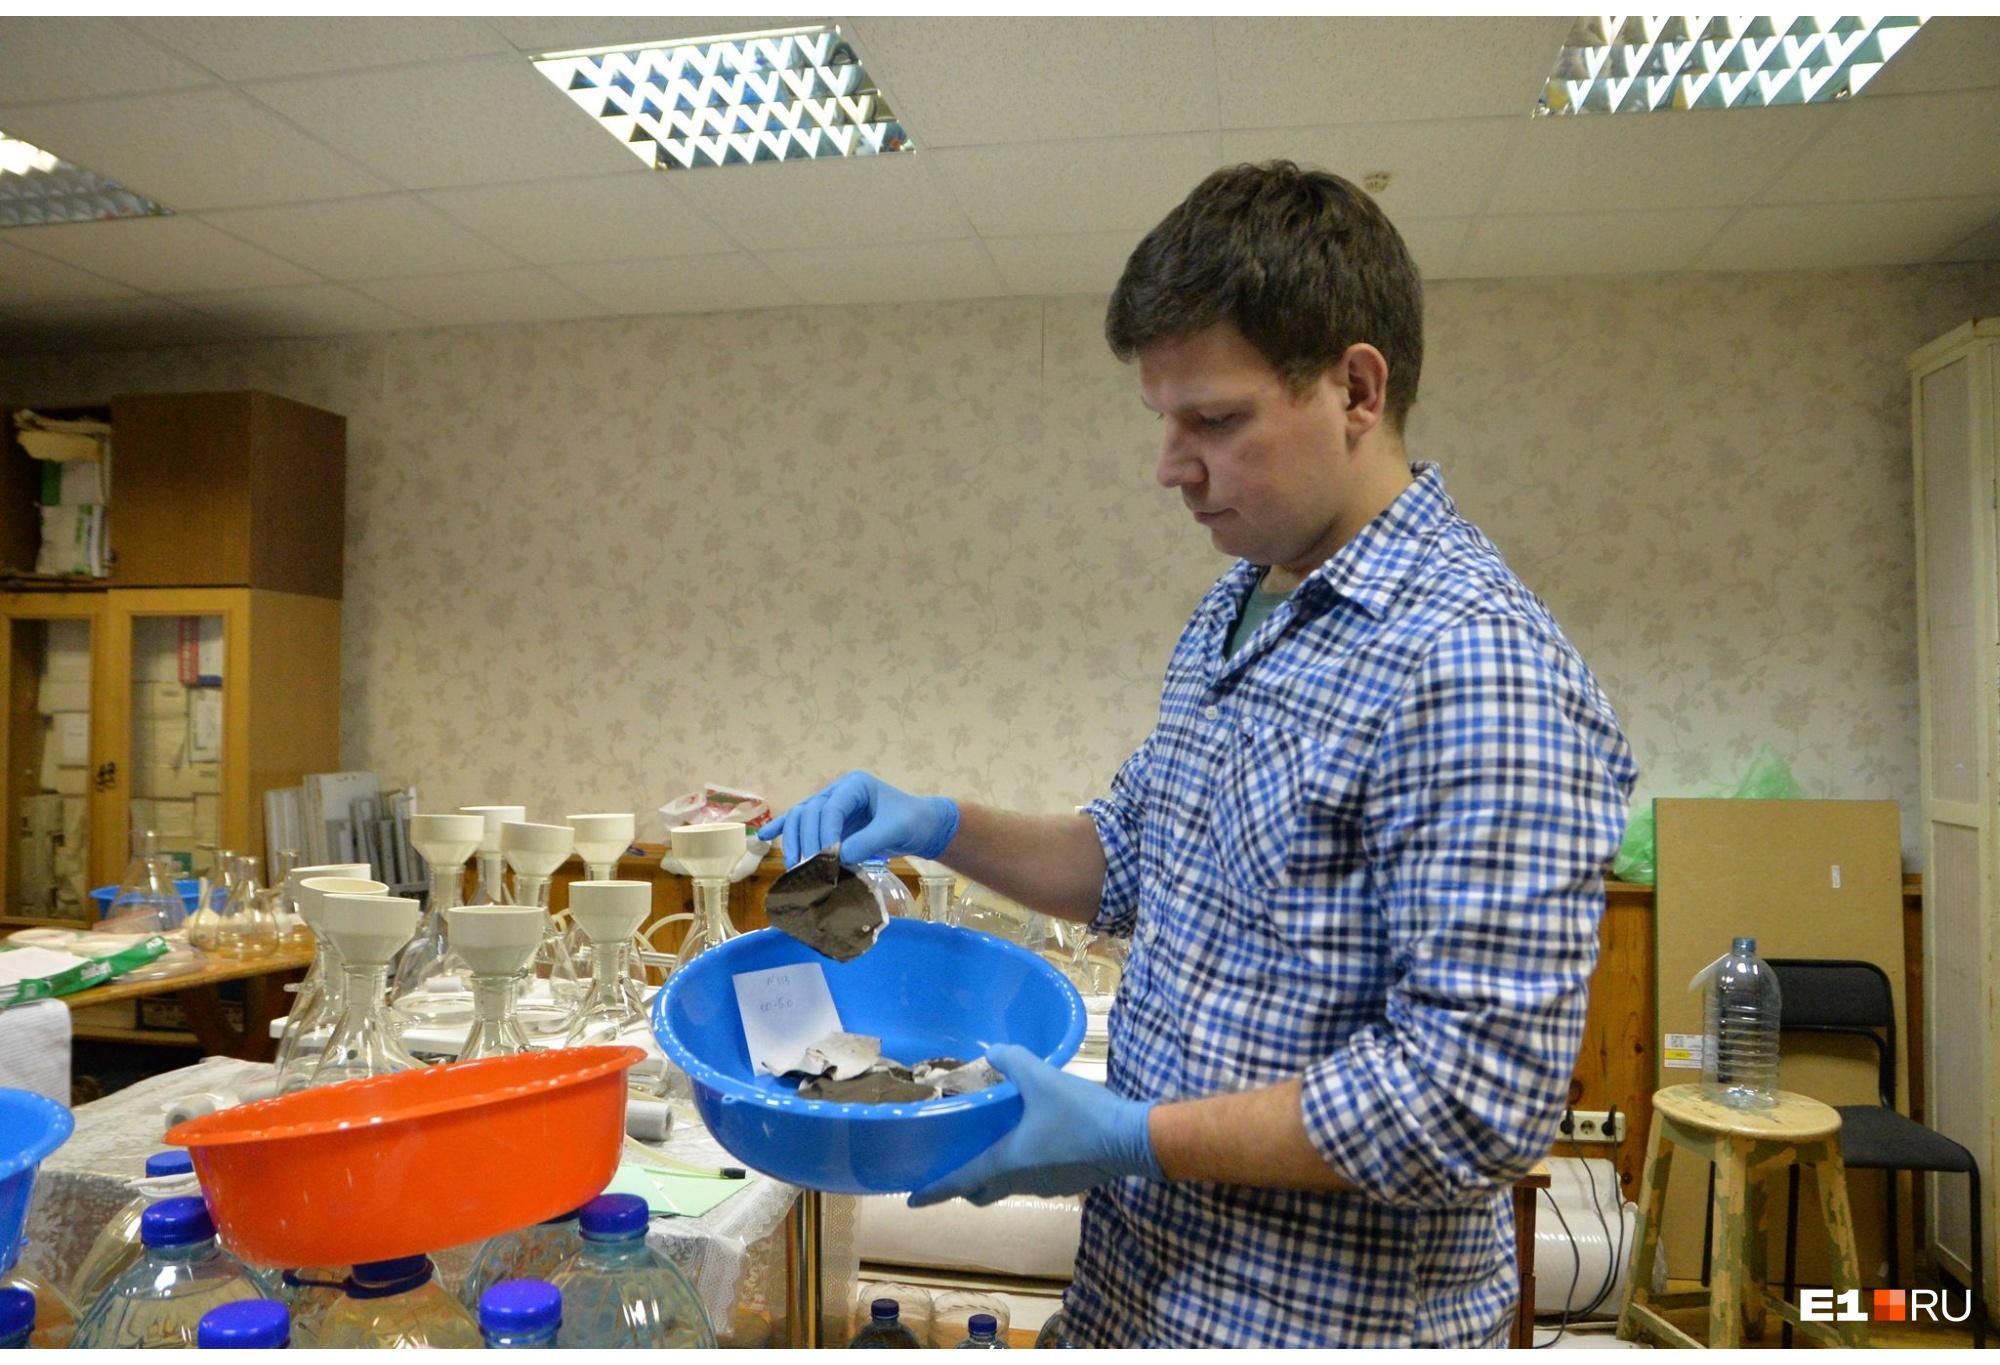 Все работы ученые ведут в лаборатории, которая находится в Екатеринбурге